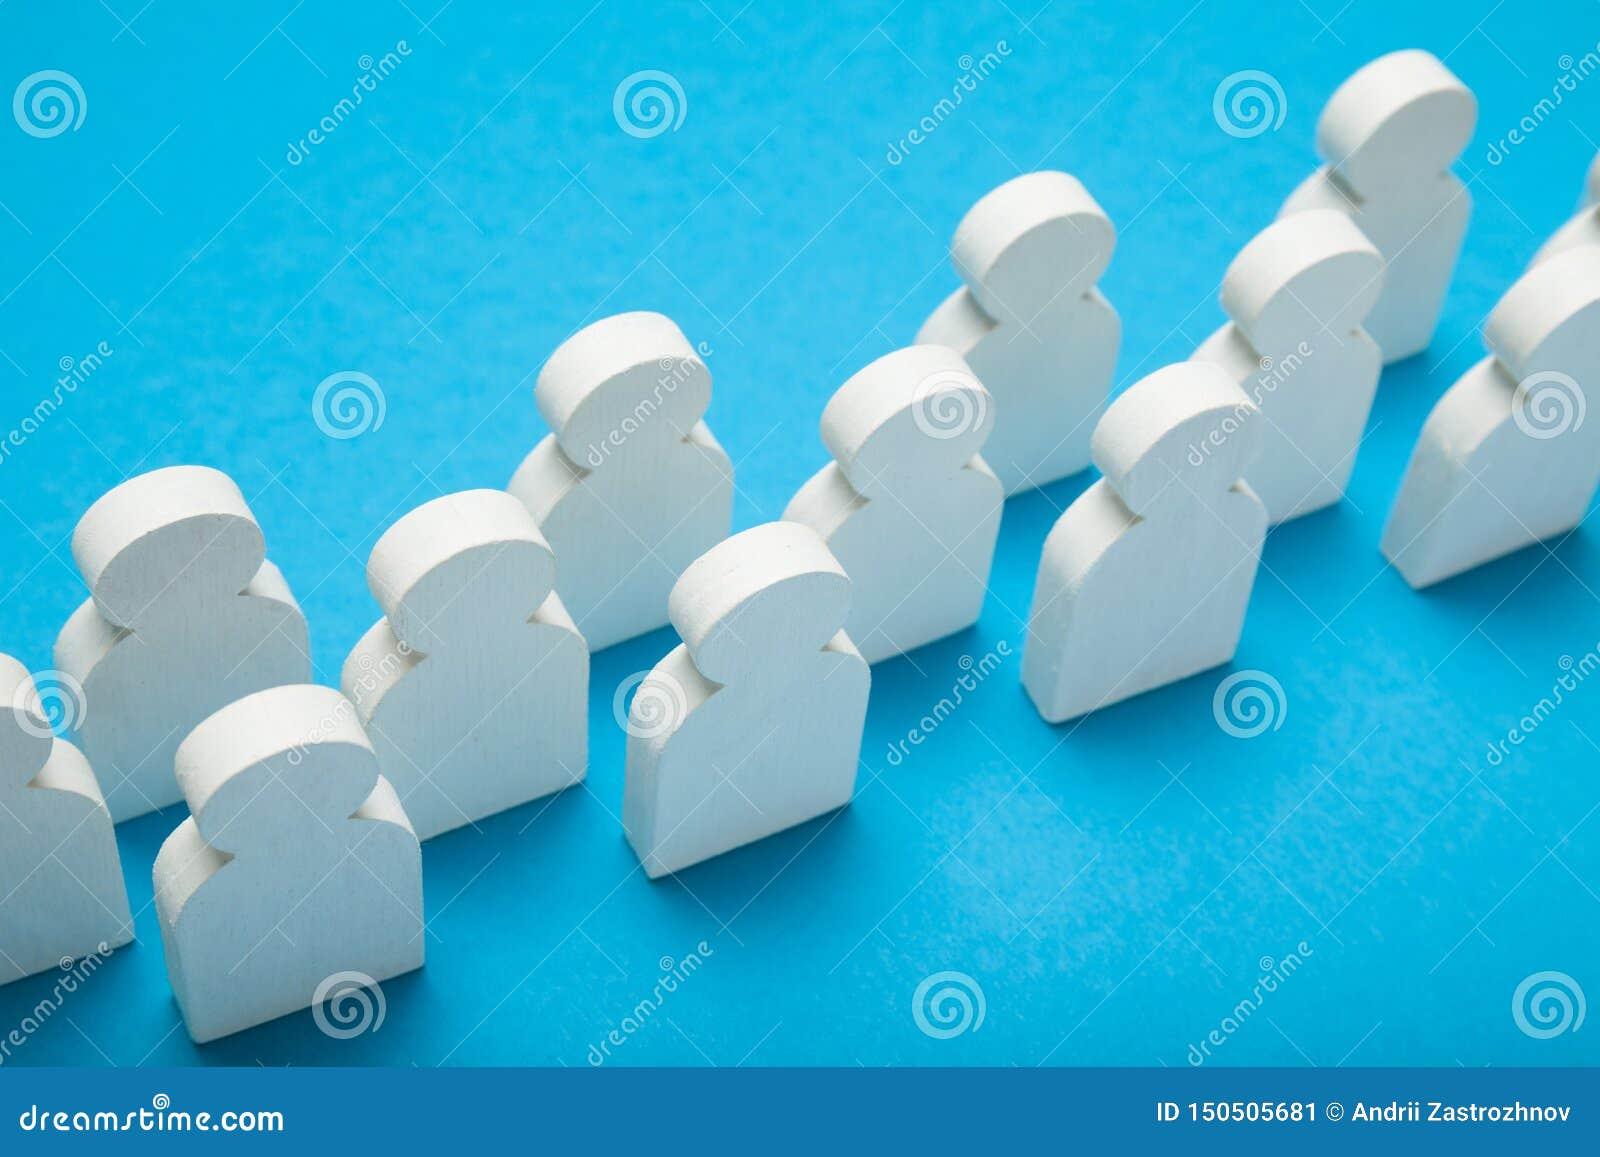 De maatschappij communautair concept, commercieel team, groep